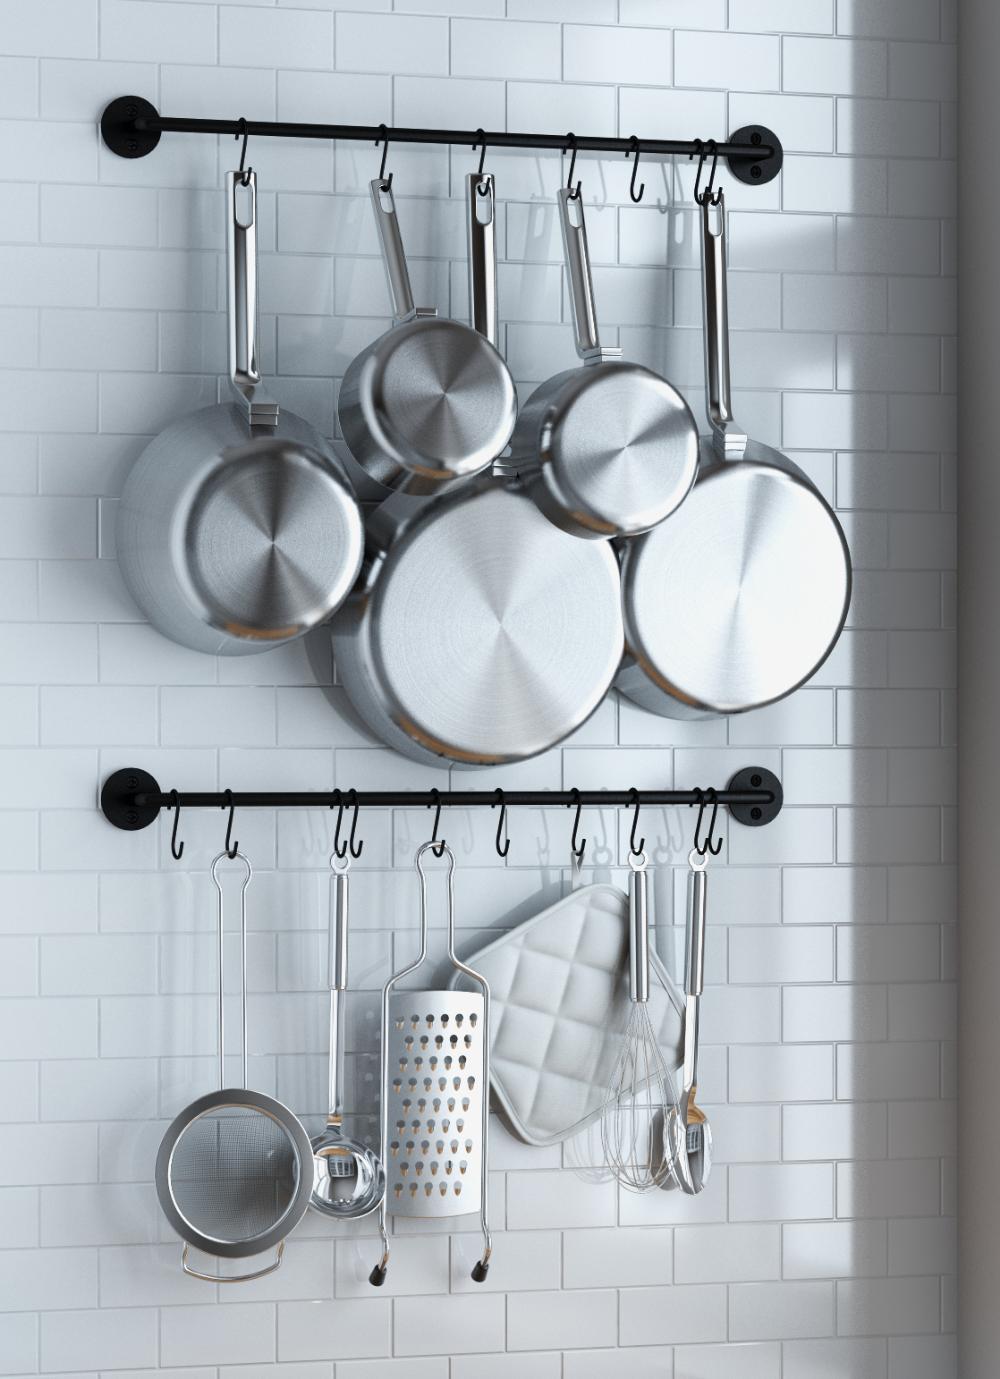 Wallniture Cucina 24 Utensil Holder Rack With 10 S Hook Steel Black Set Of 2 Walmart Com Kitchen Pot Kitchen Organization Diy Diy Kitchen